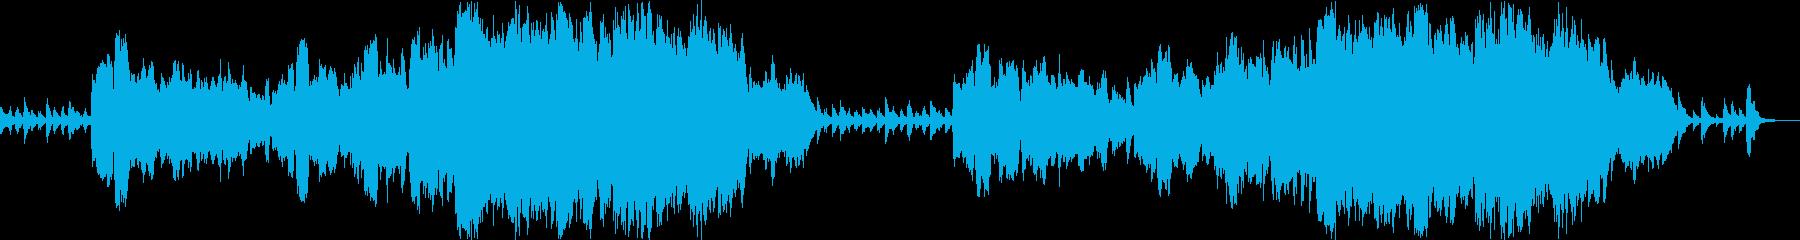 かわいくて優雅なオーケストラ・ワルツの再生済みの波形